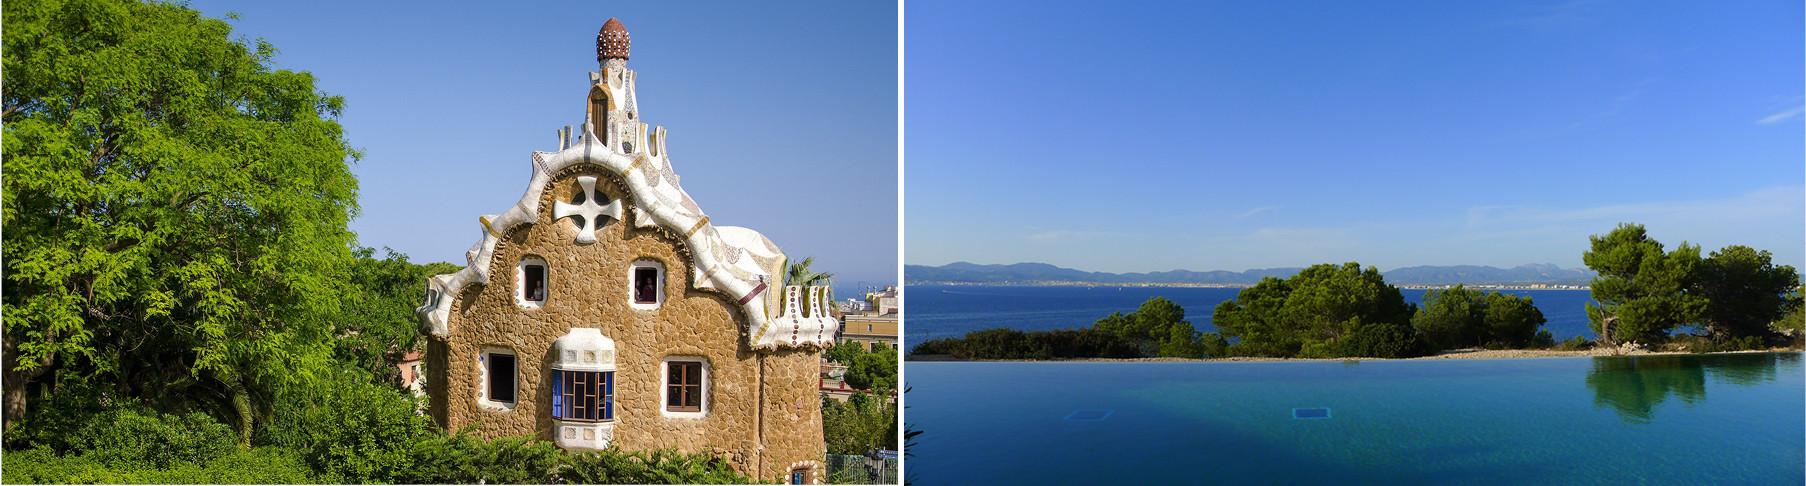 Image-Barcelona-Architecture-Mallorca-Coastline